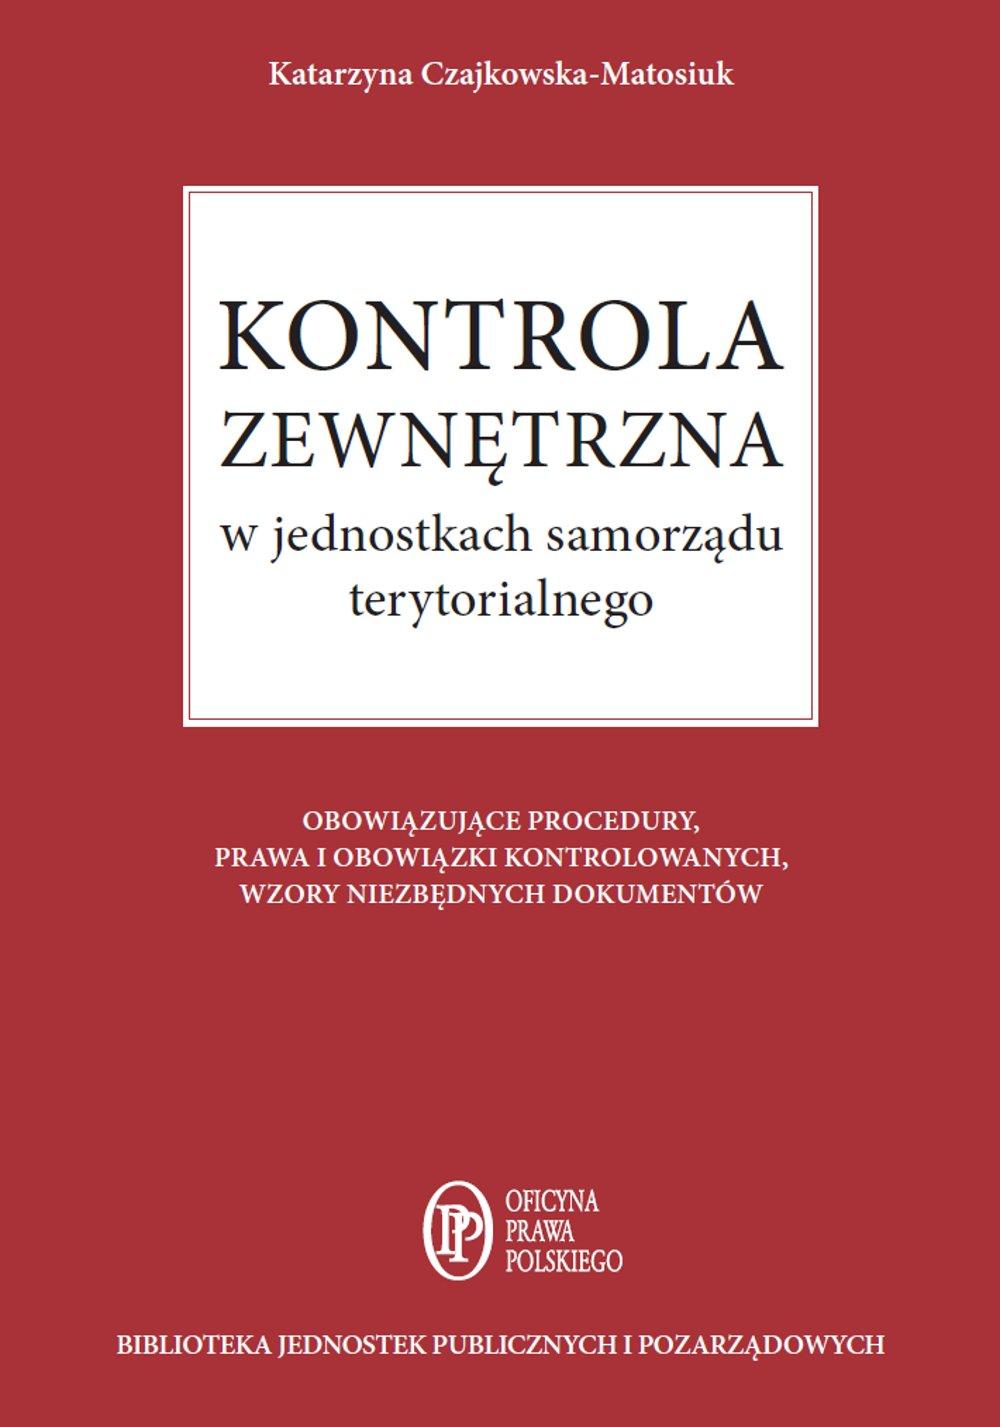 Kontrola zewnętrzna w jednostkach samorządu terytorialnego - Ebook (Książka na Kindle) do pobrania w formacie MOBI